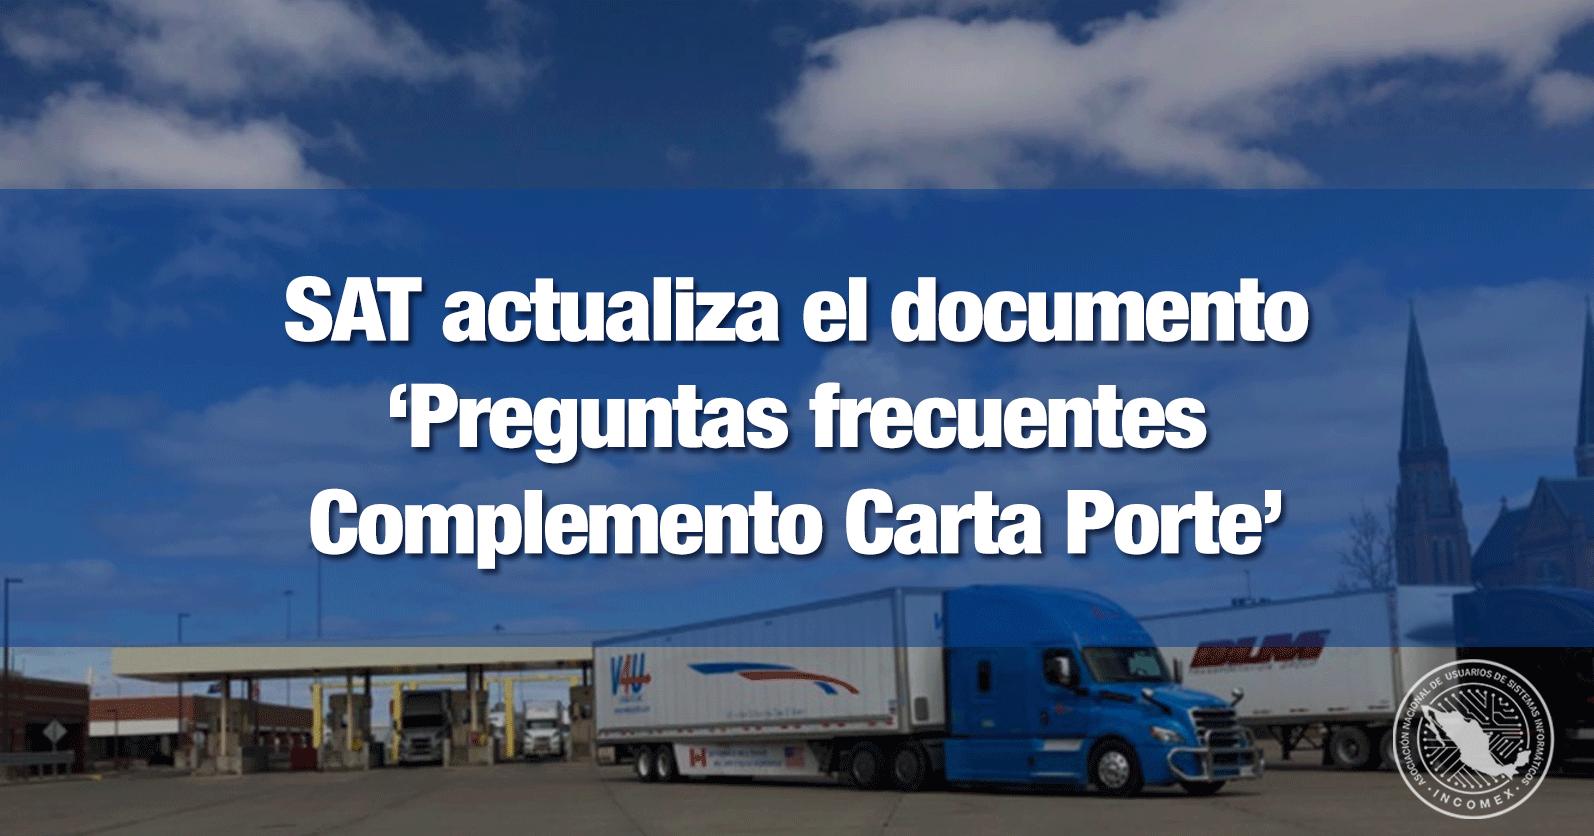 SAT actualiza el documento 'Preguntas frecuentes Complemento Carta Porte'